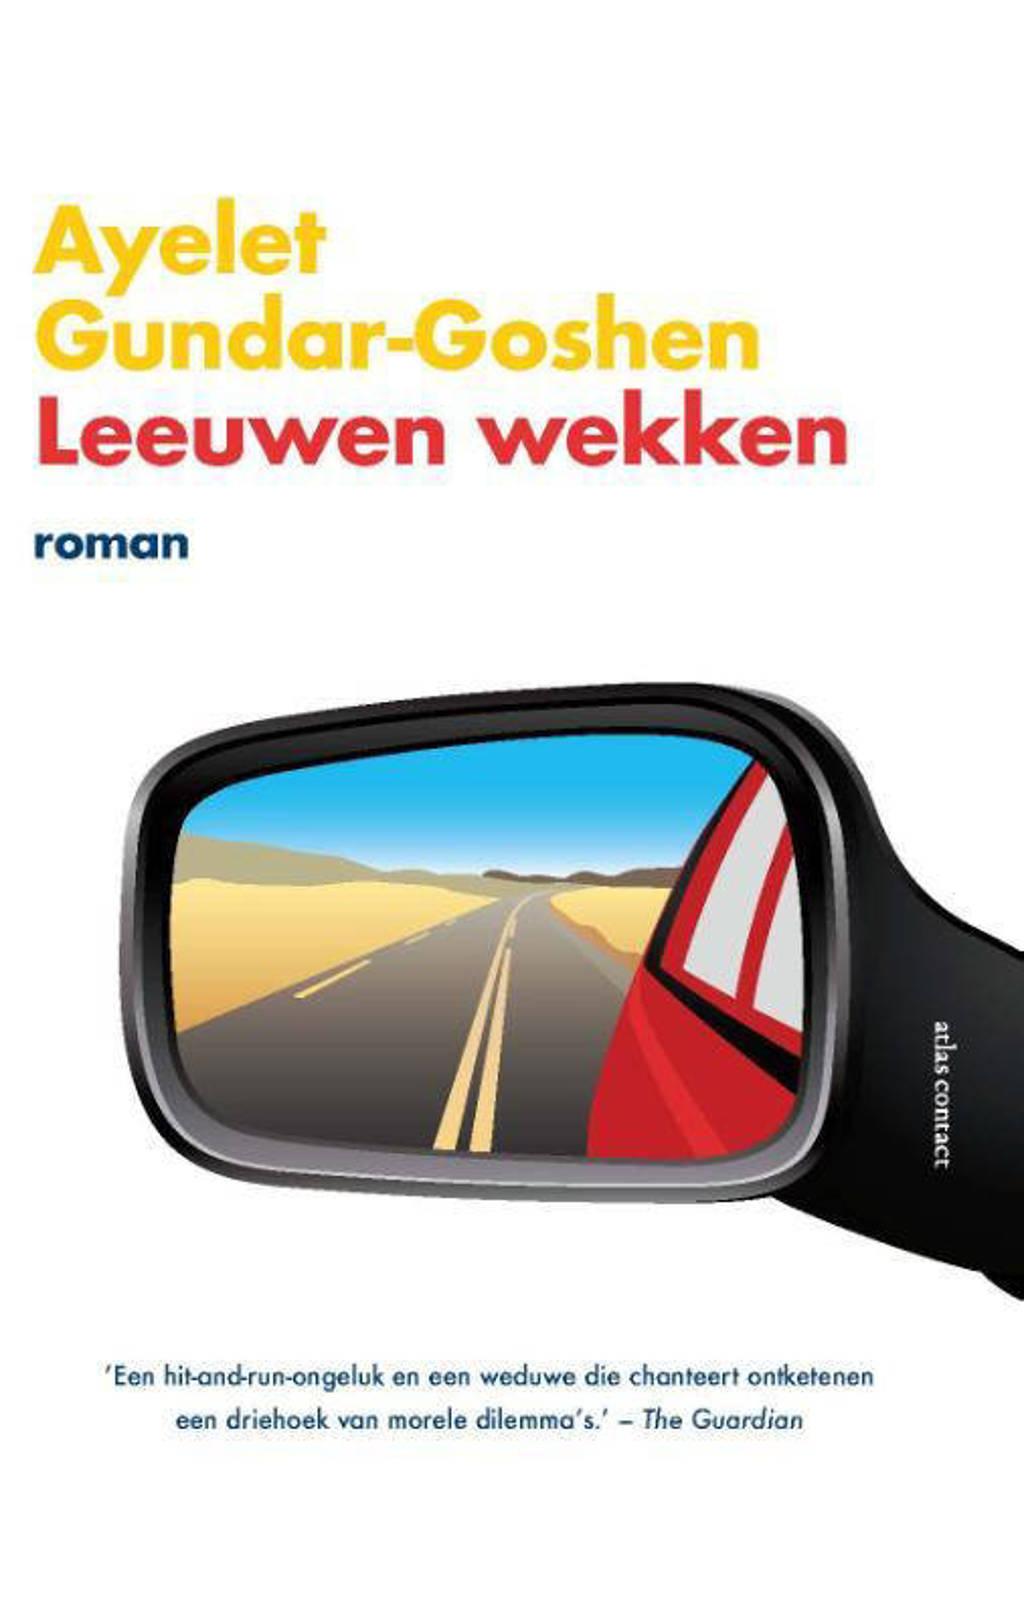 Leeuwen wekken - Ayelet Gundar-Goshen